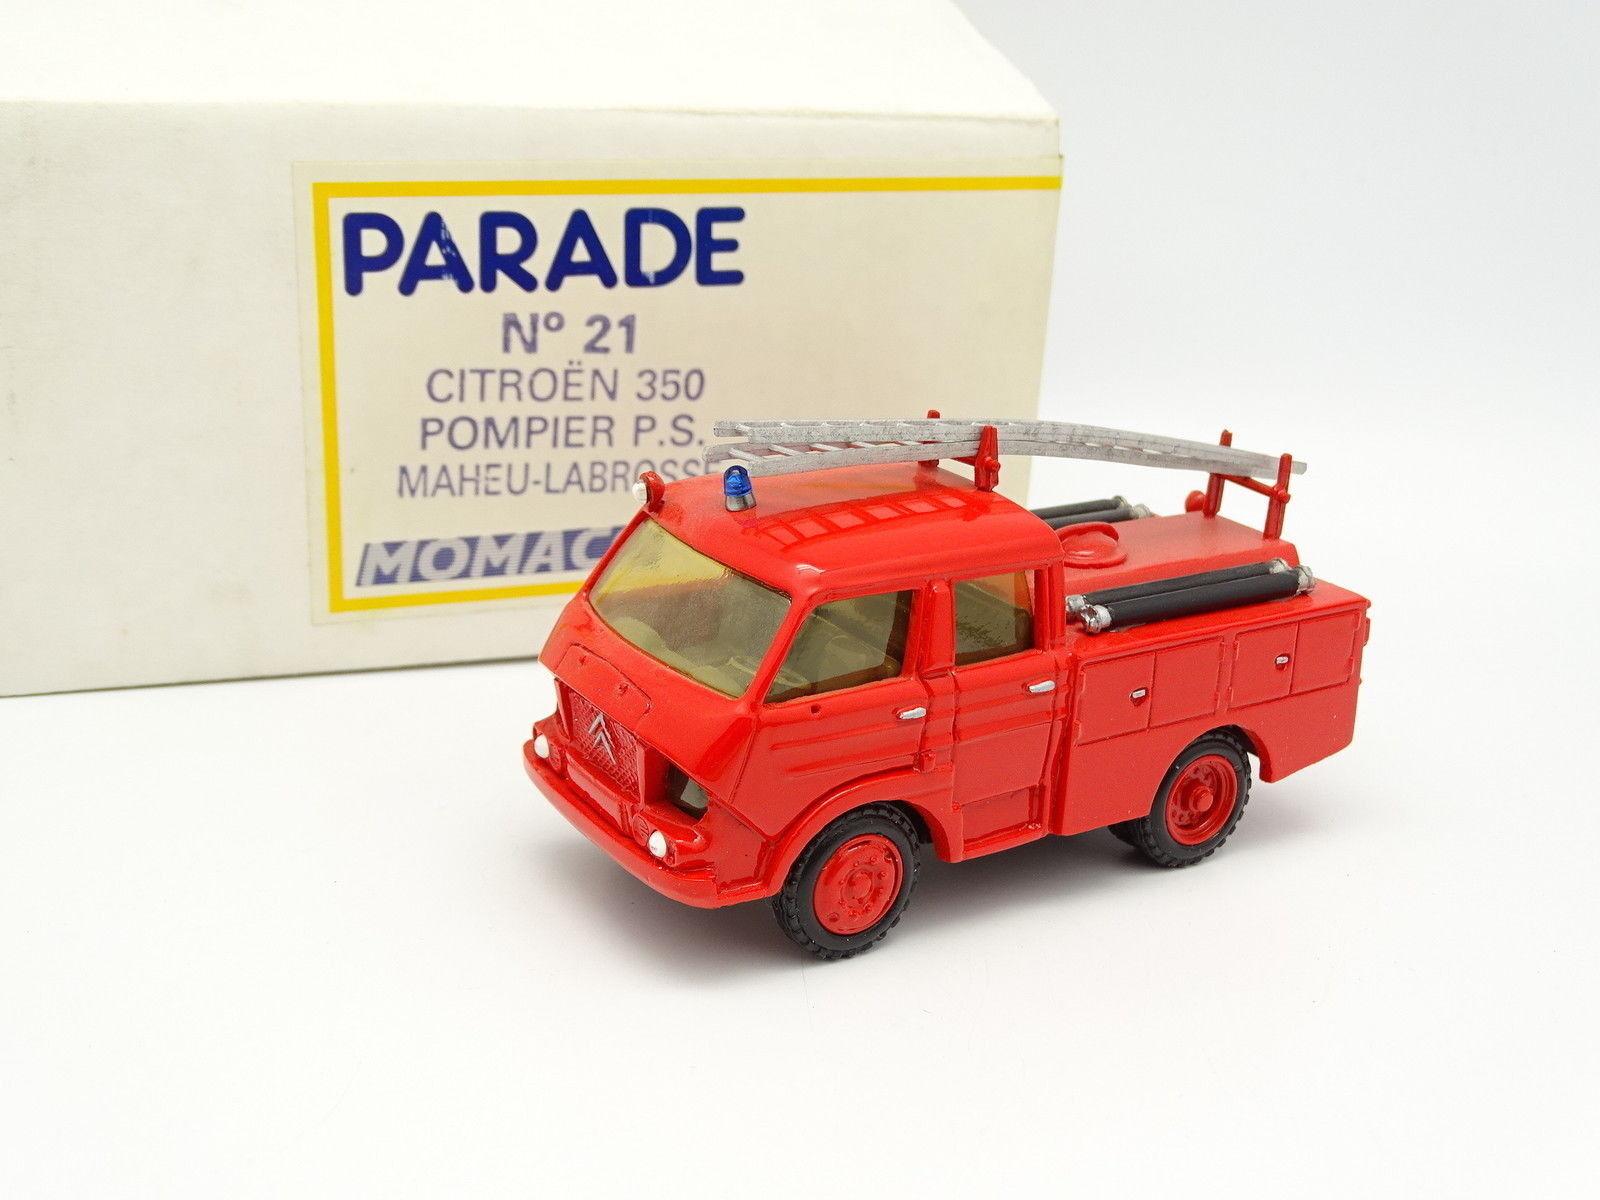 Parade 1 50 - Citroen 350 Double Cabine Maheu Labrosse Pompiers